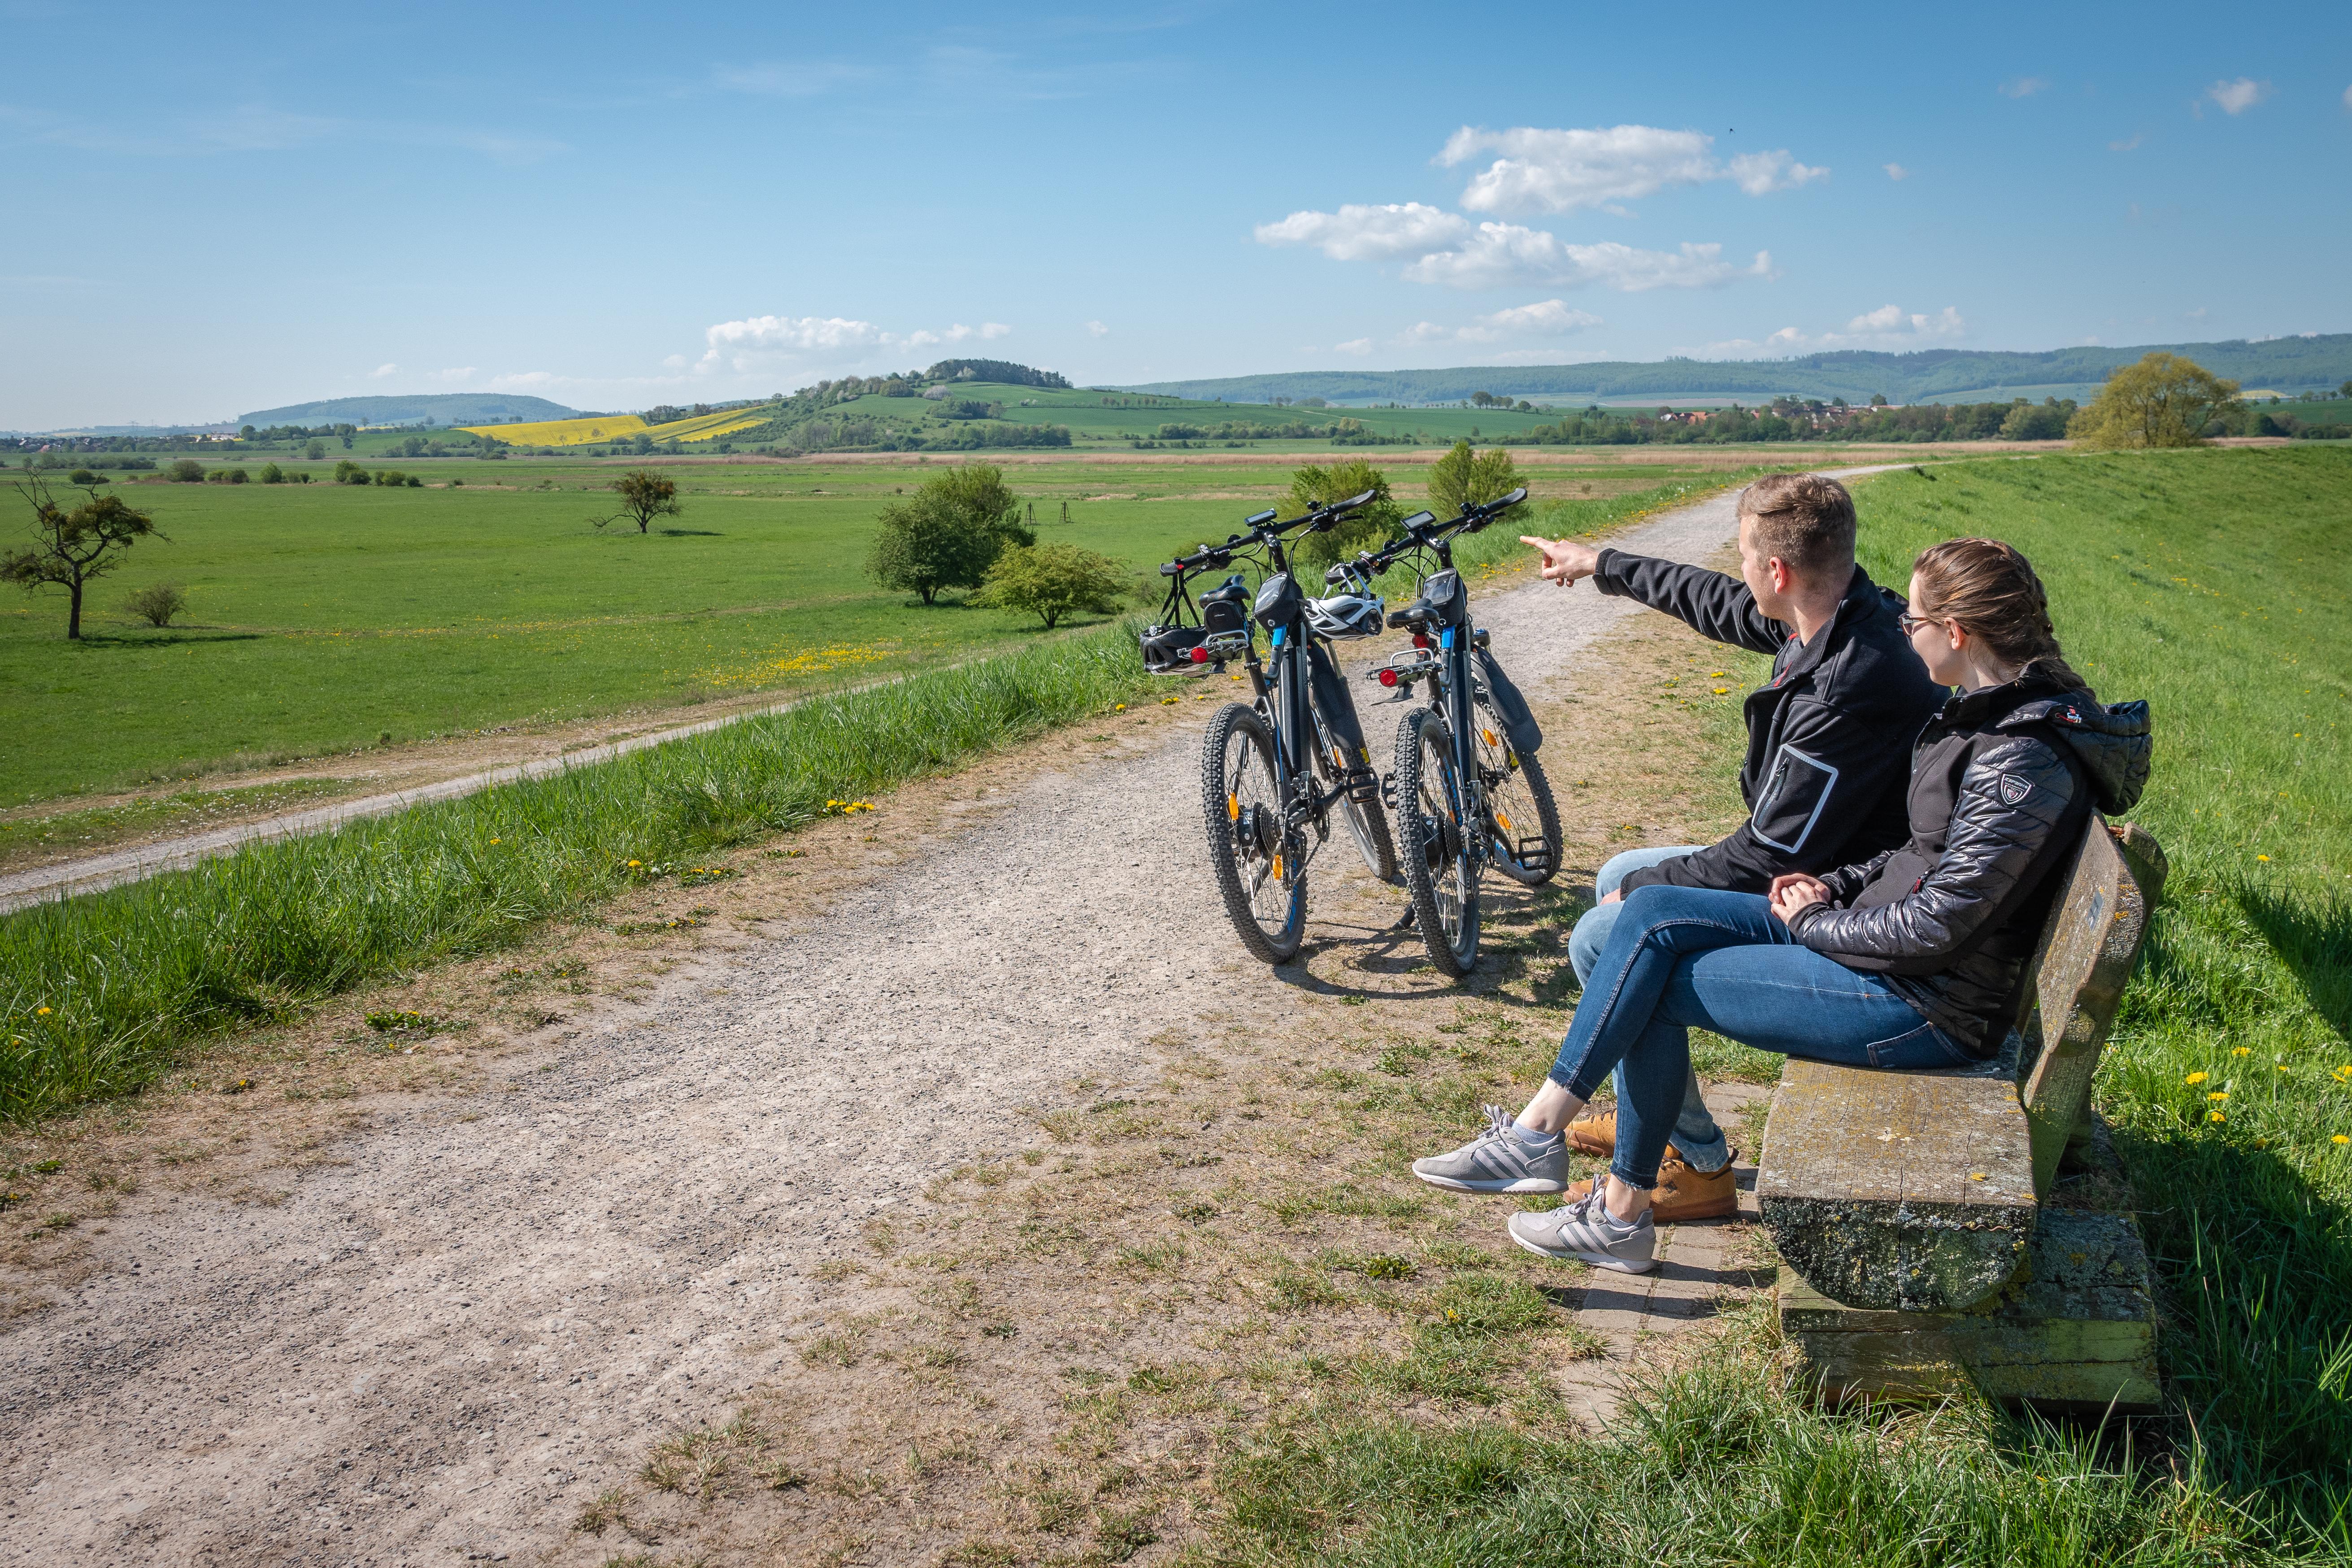 Leinepolder Radfahrer Pause auf einer Bank